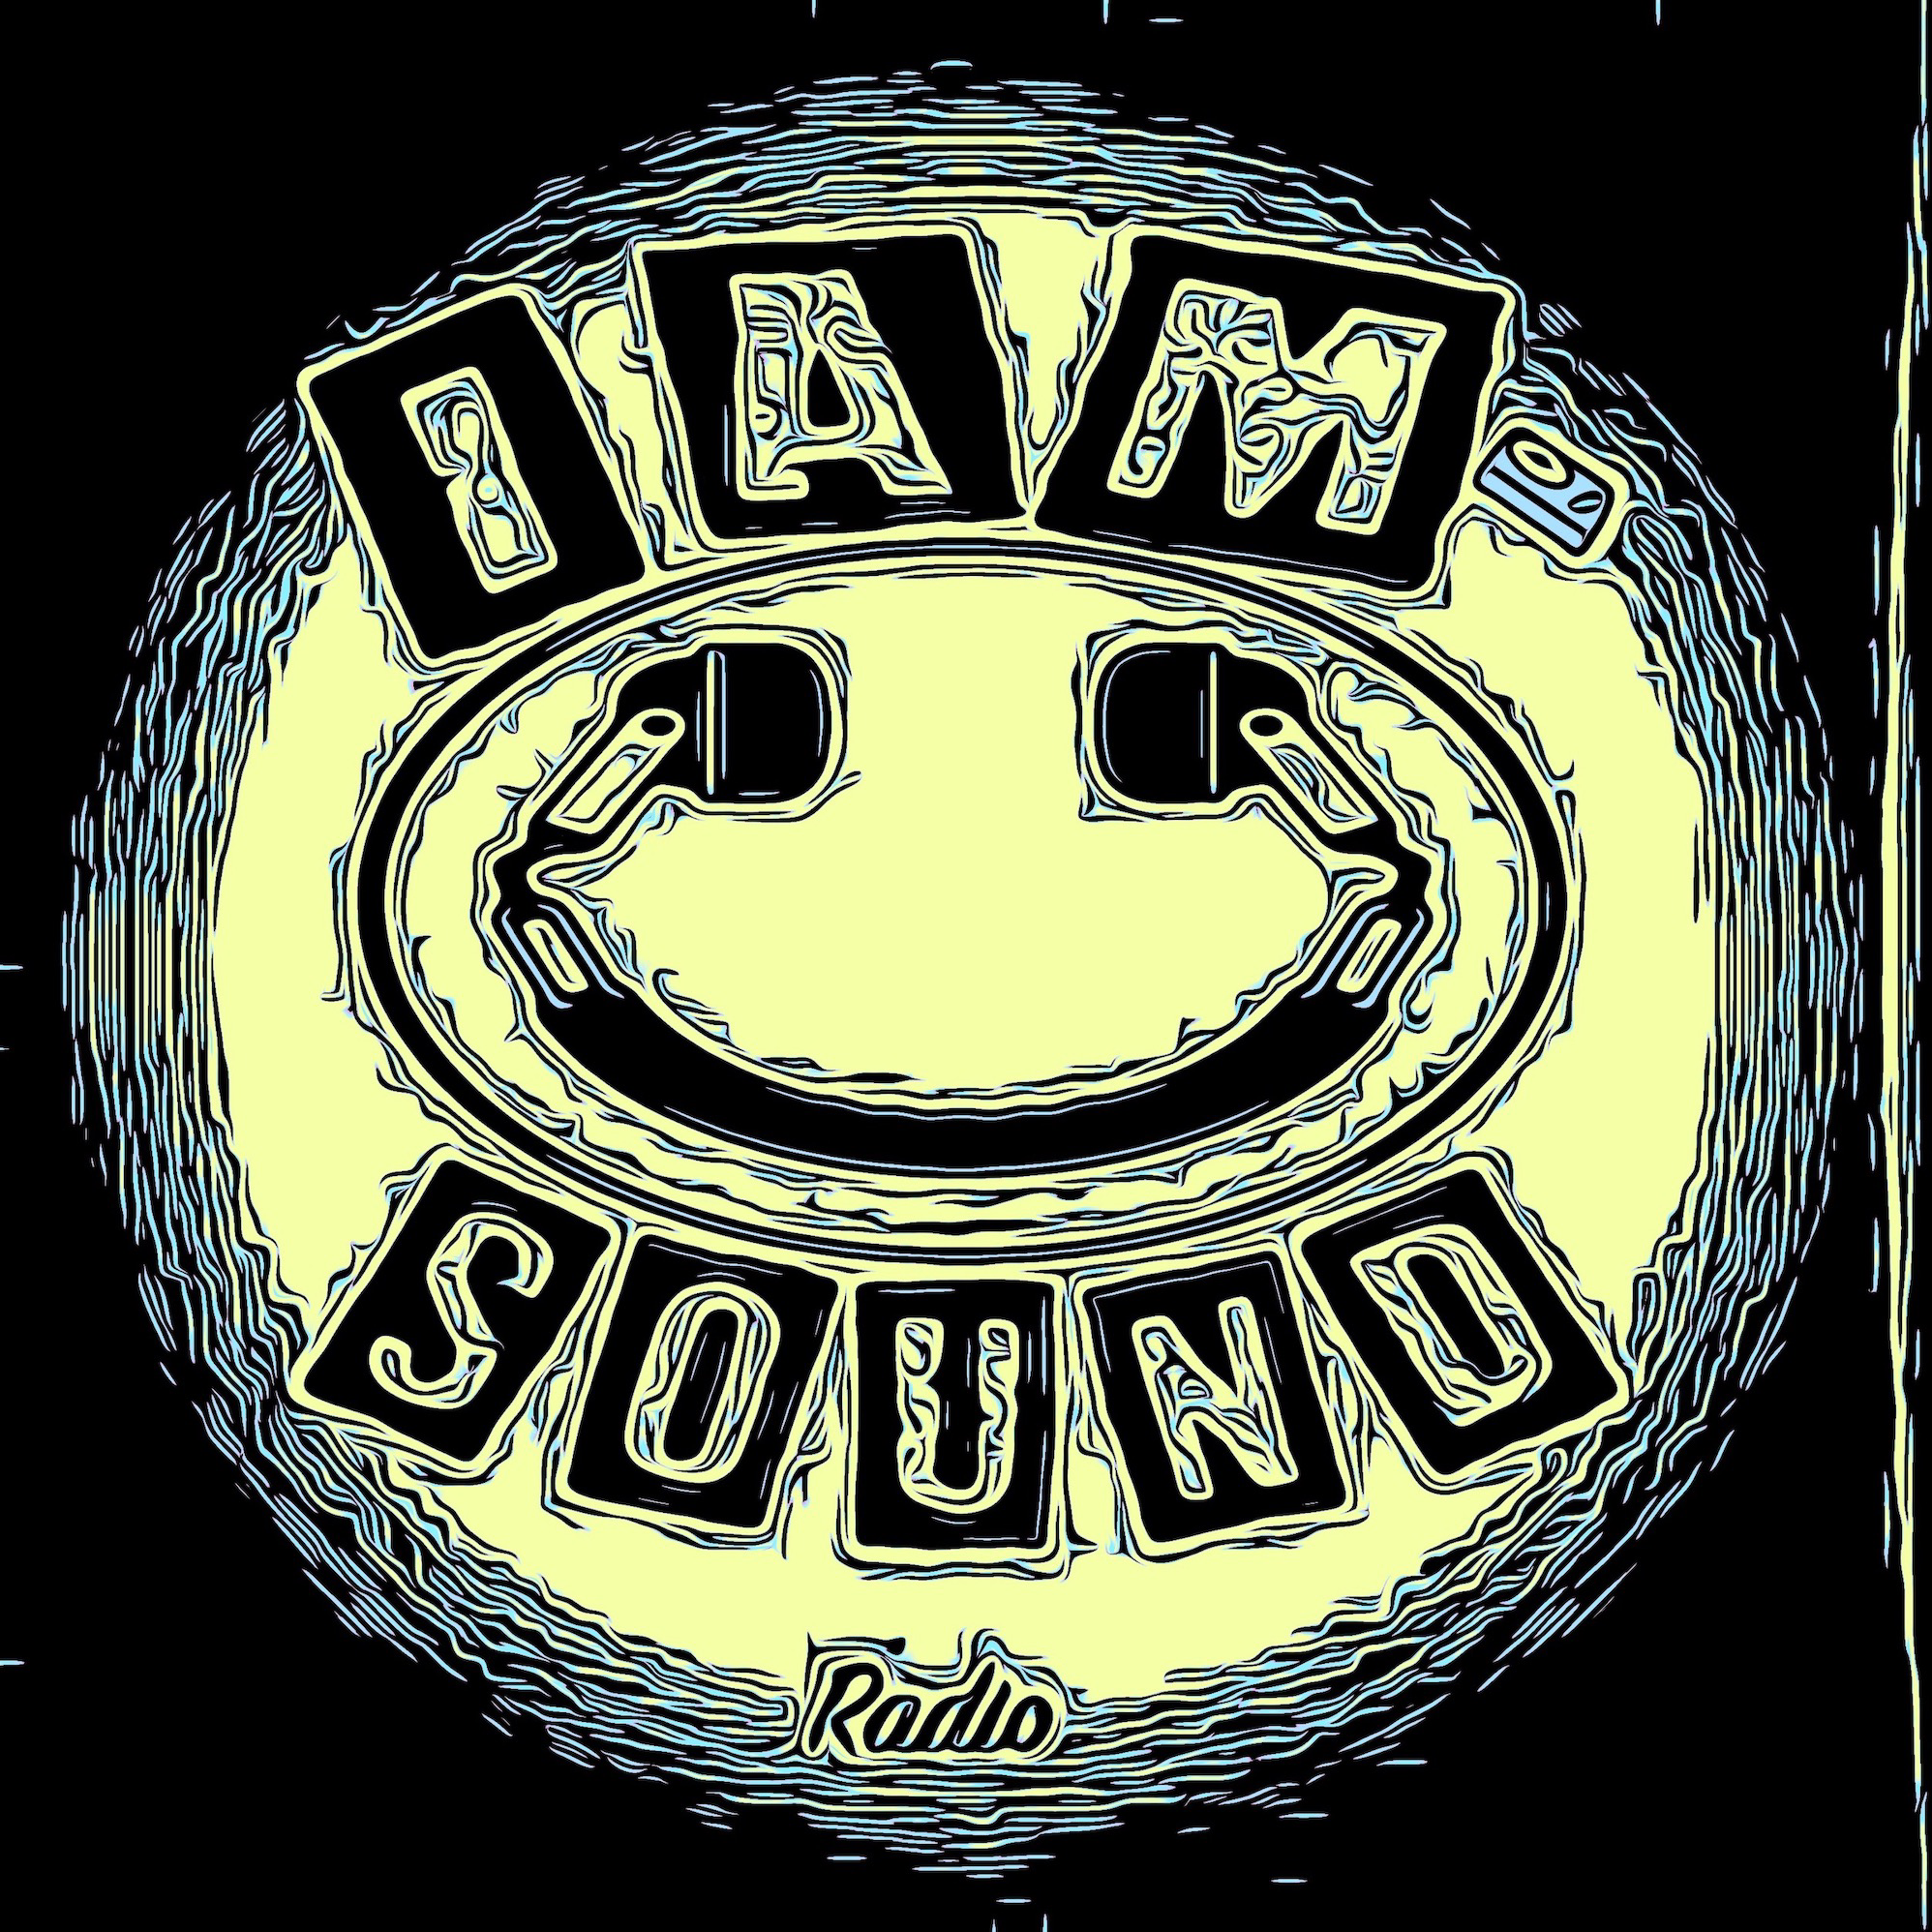 IAM-Sound Eclectic Pop Radio